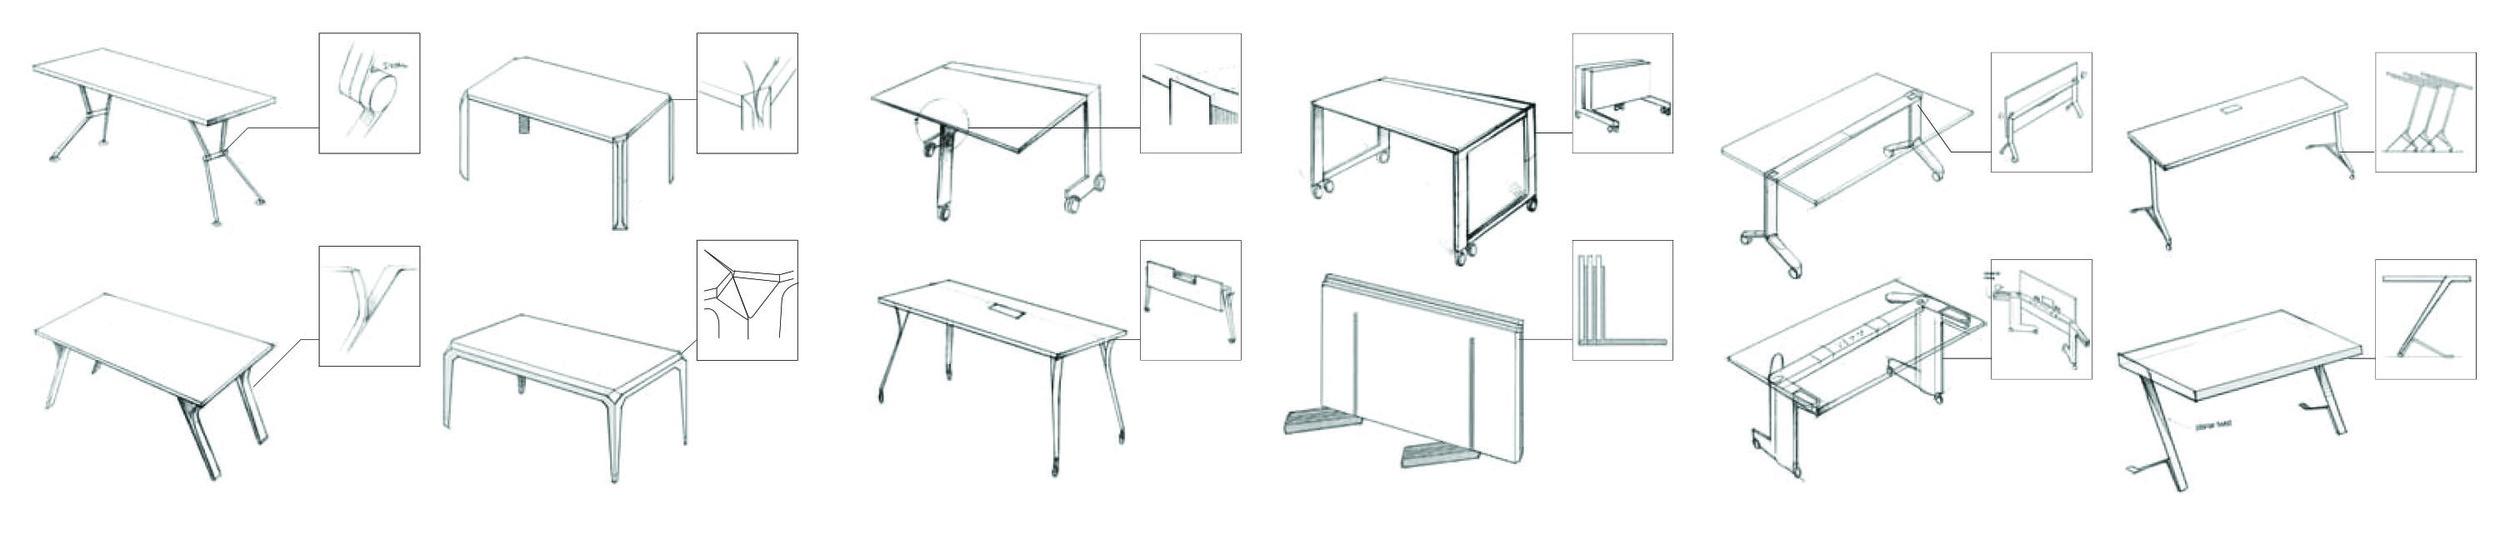 table_sketch_1.jpg